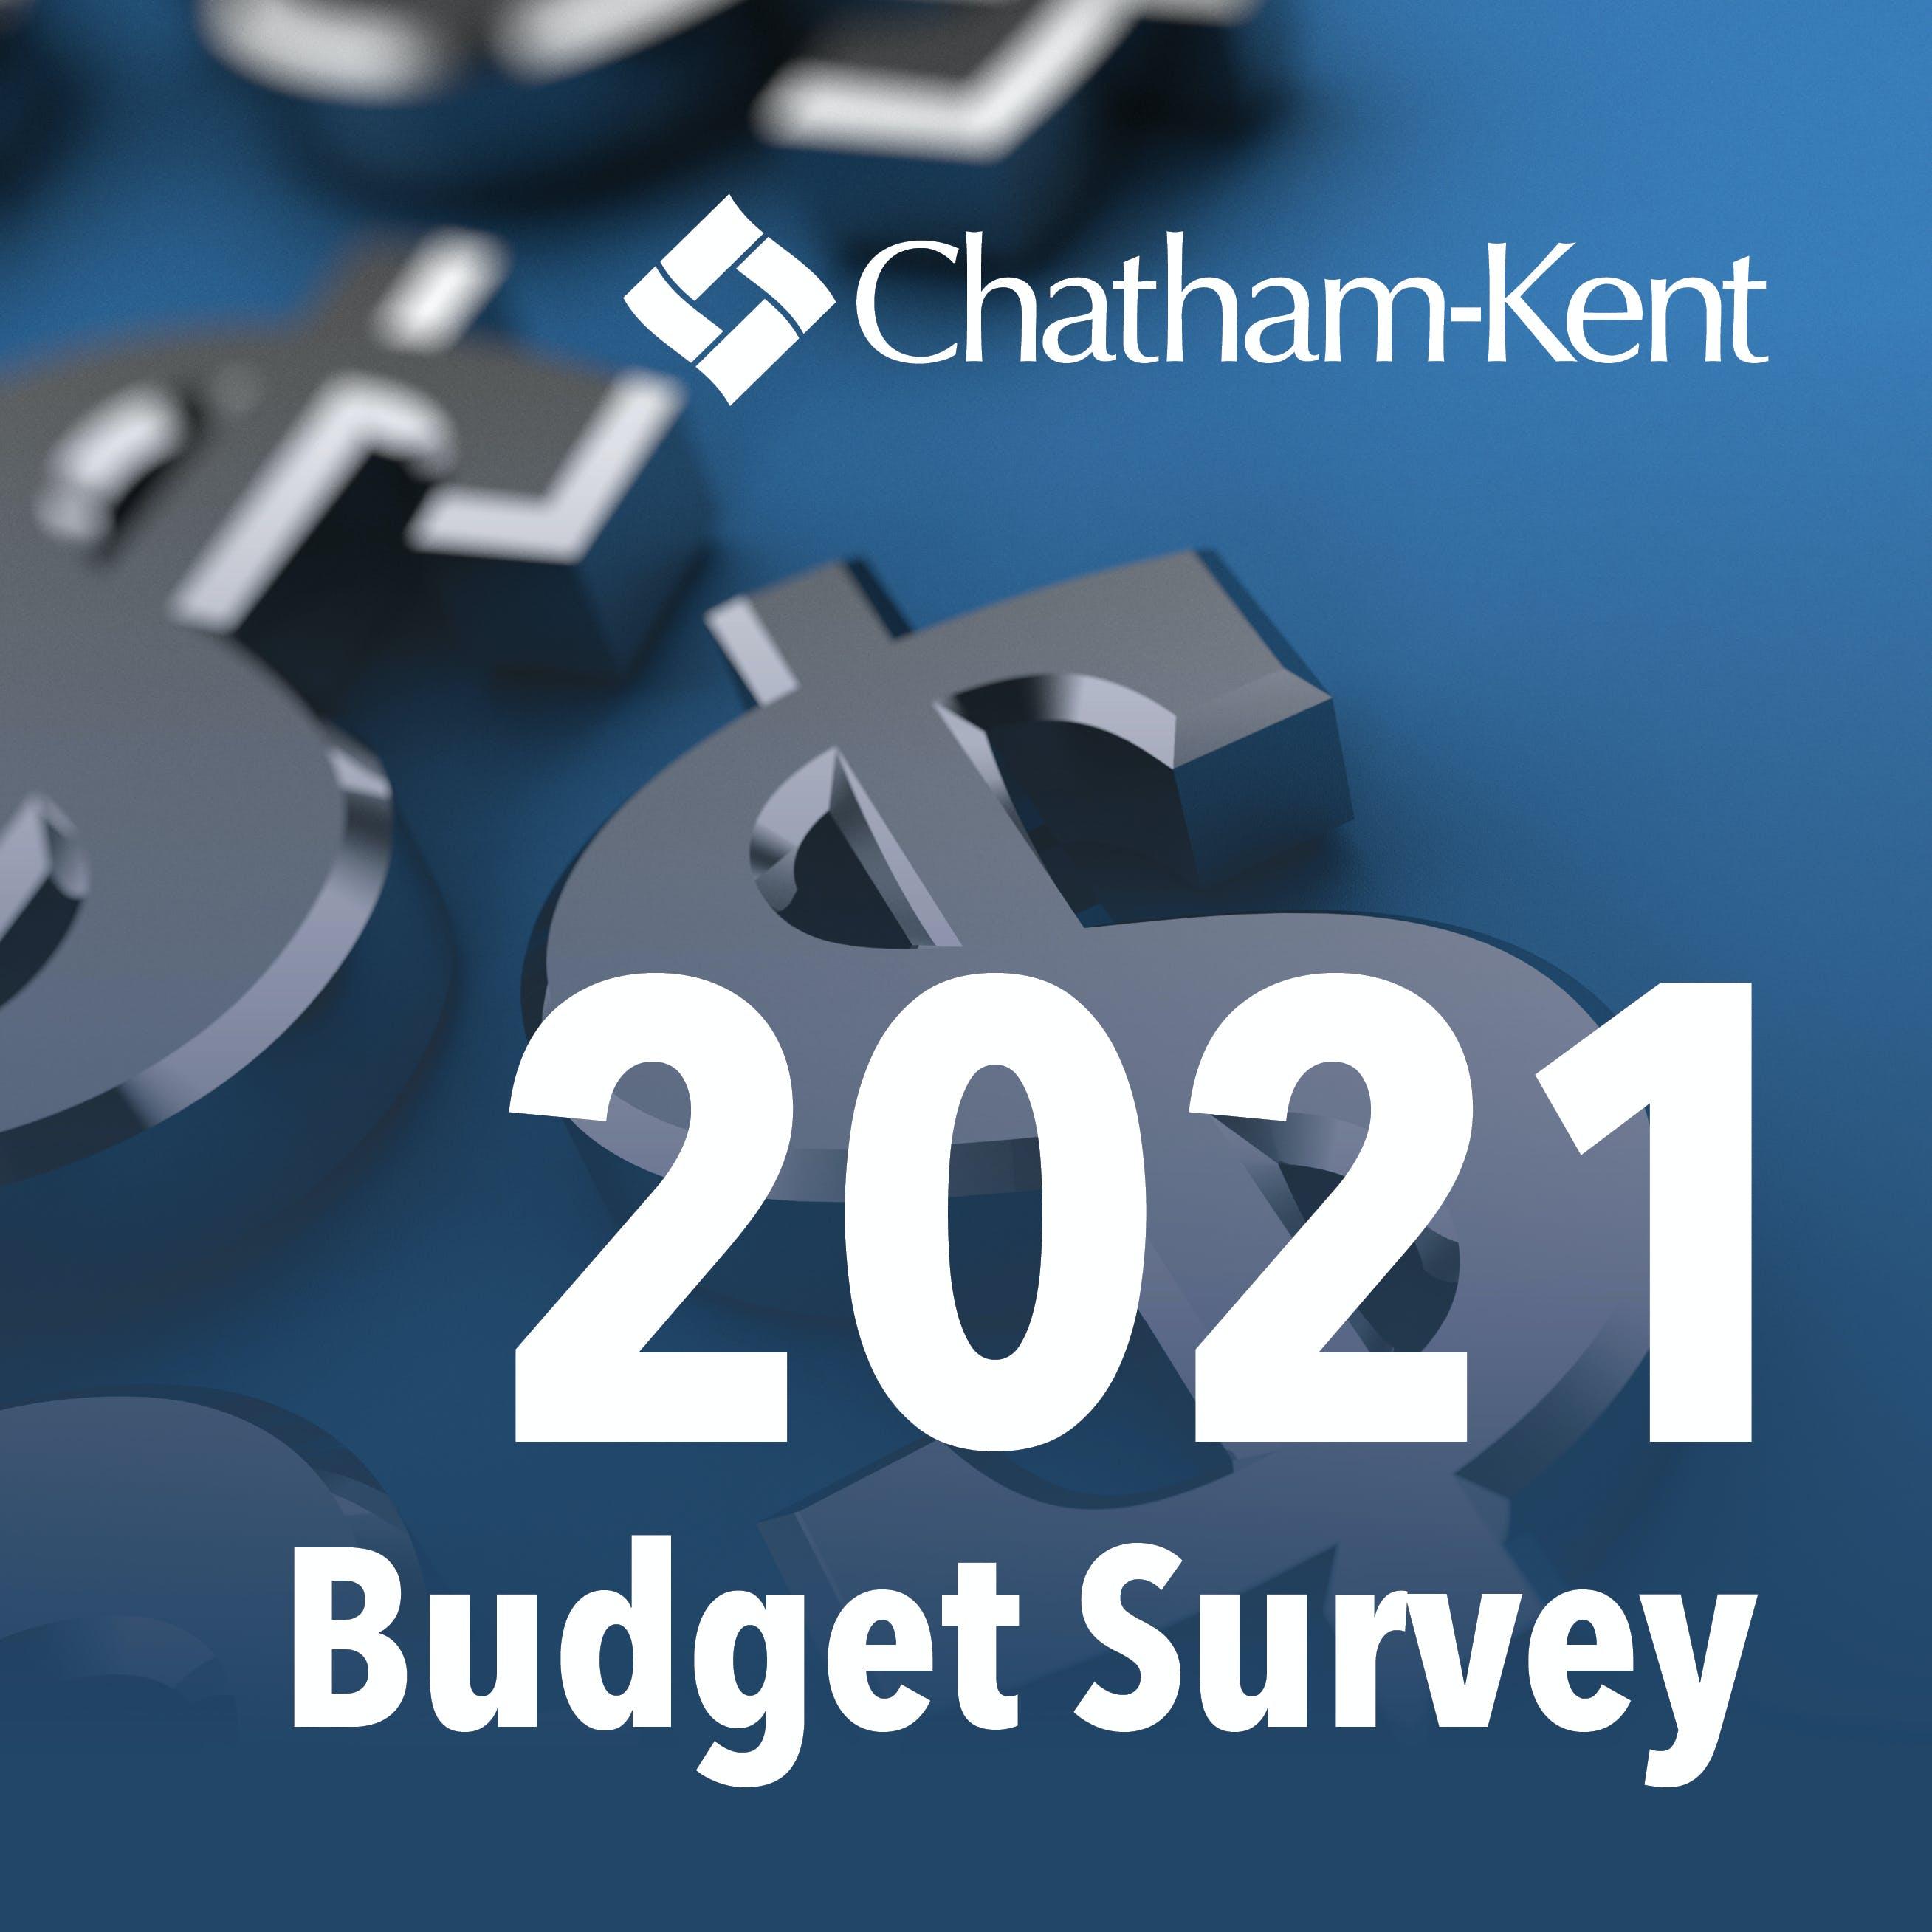 2021 Budget Survey Let's Talk